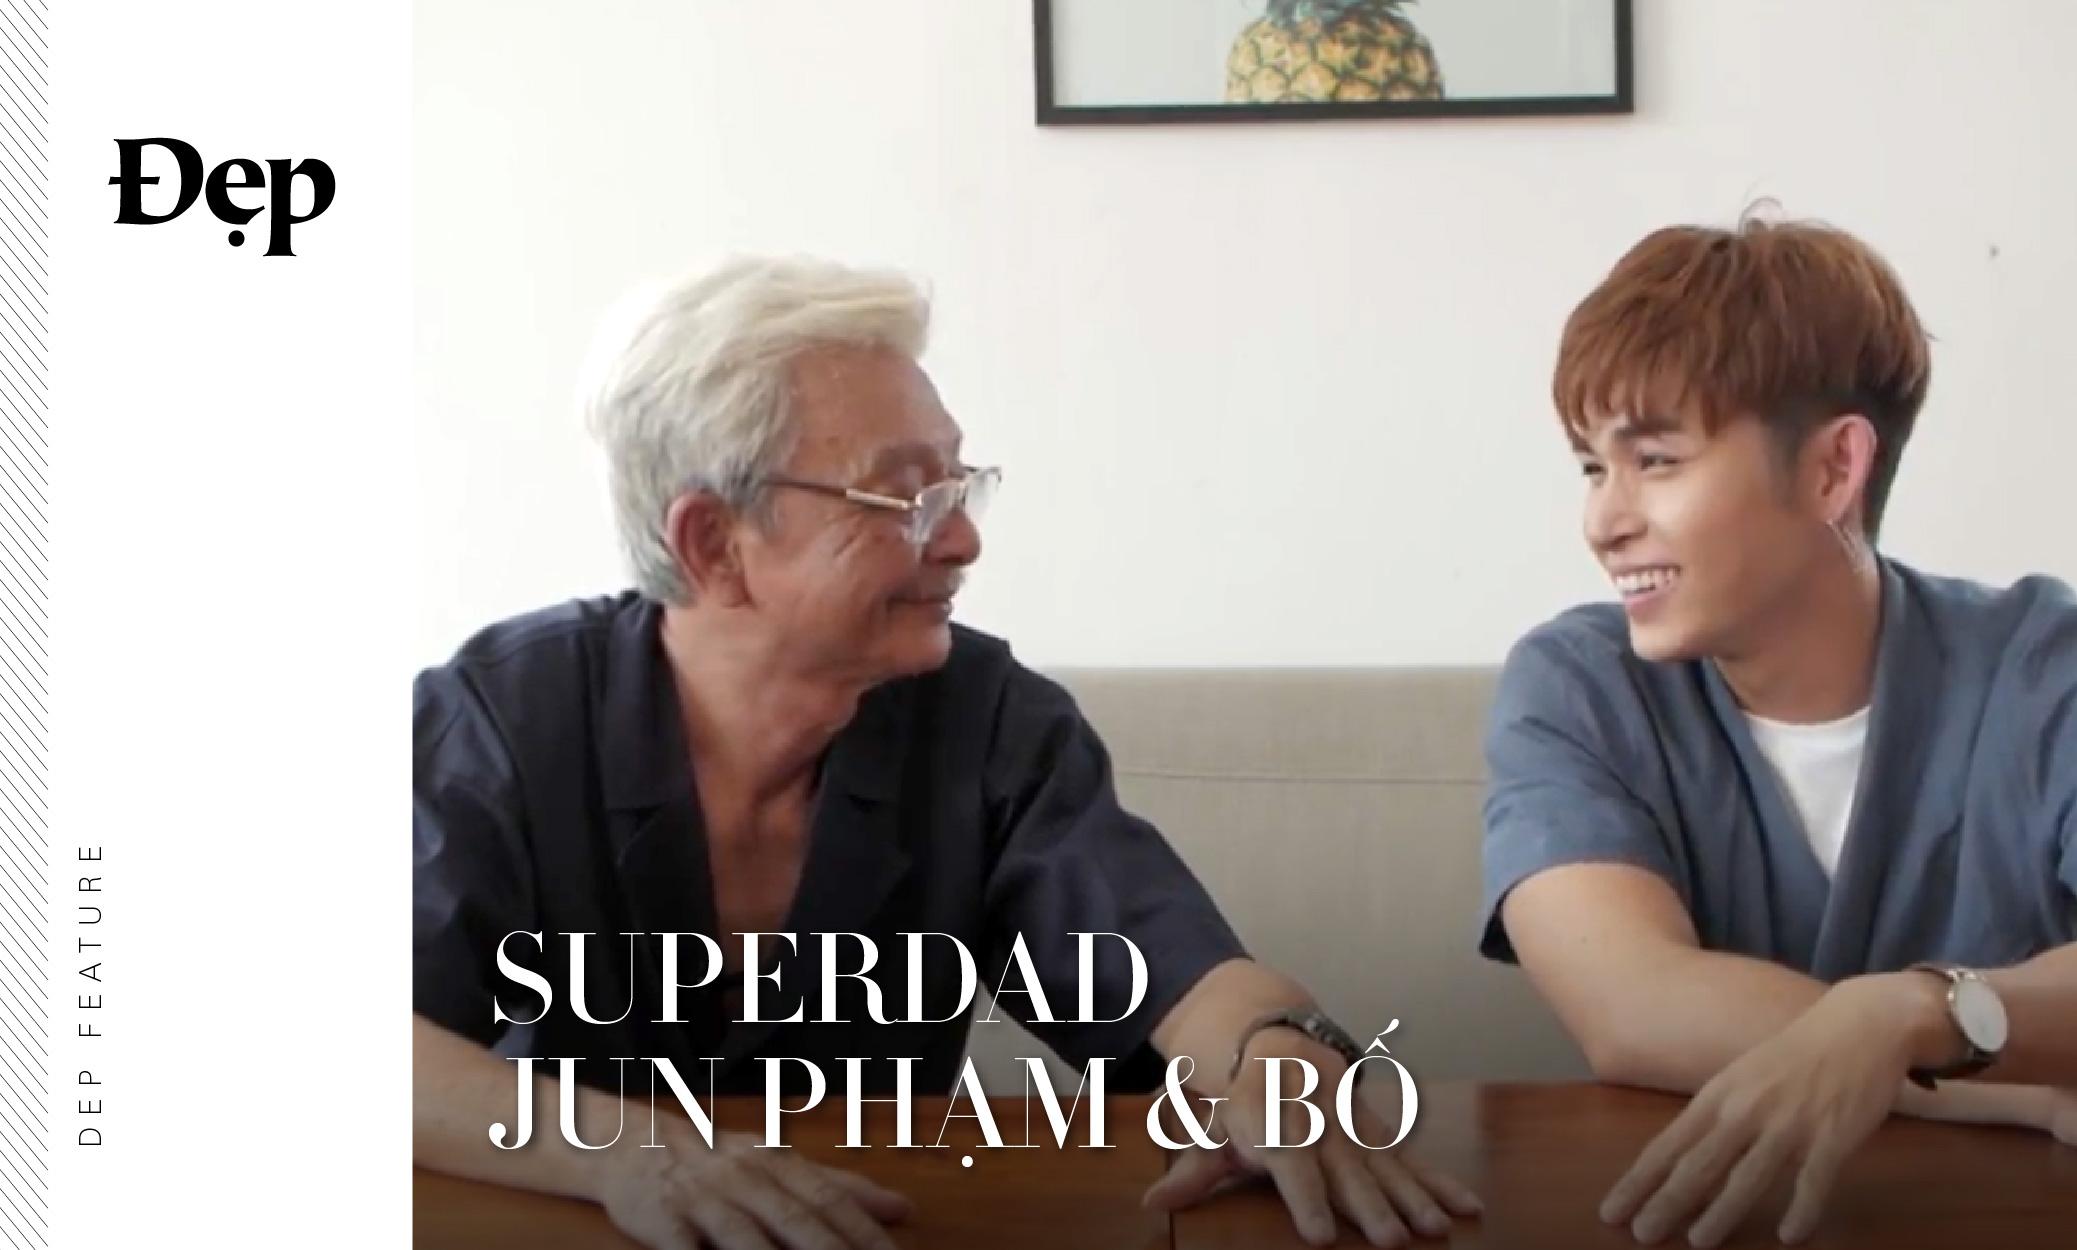 {Đẹp Feature} SUPERDAD: CHA NÀO CON NẤY ft. Jun Phạm & bố Phạm Văn Thu